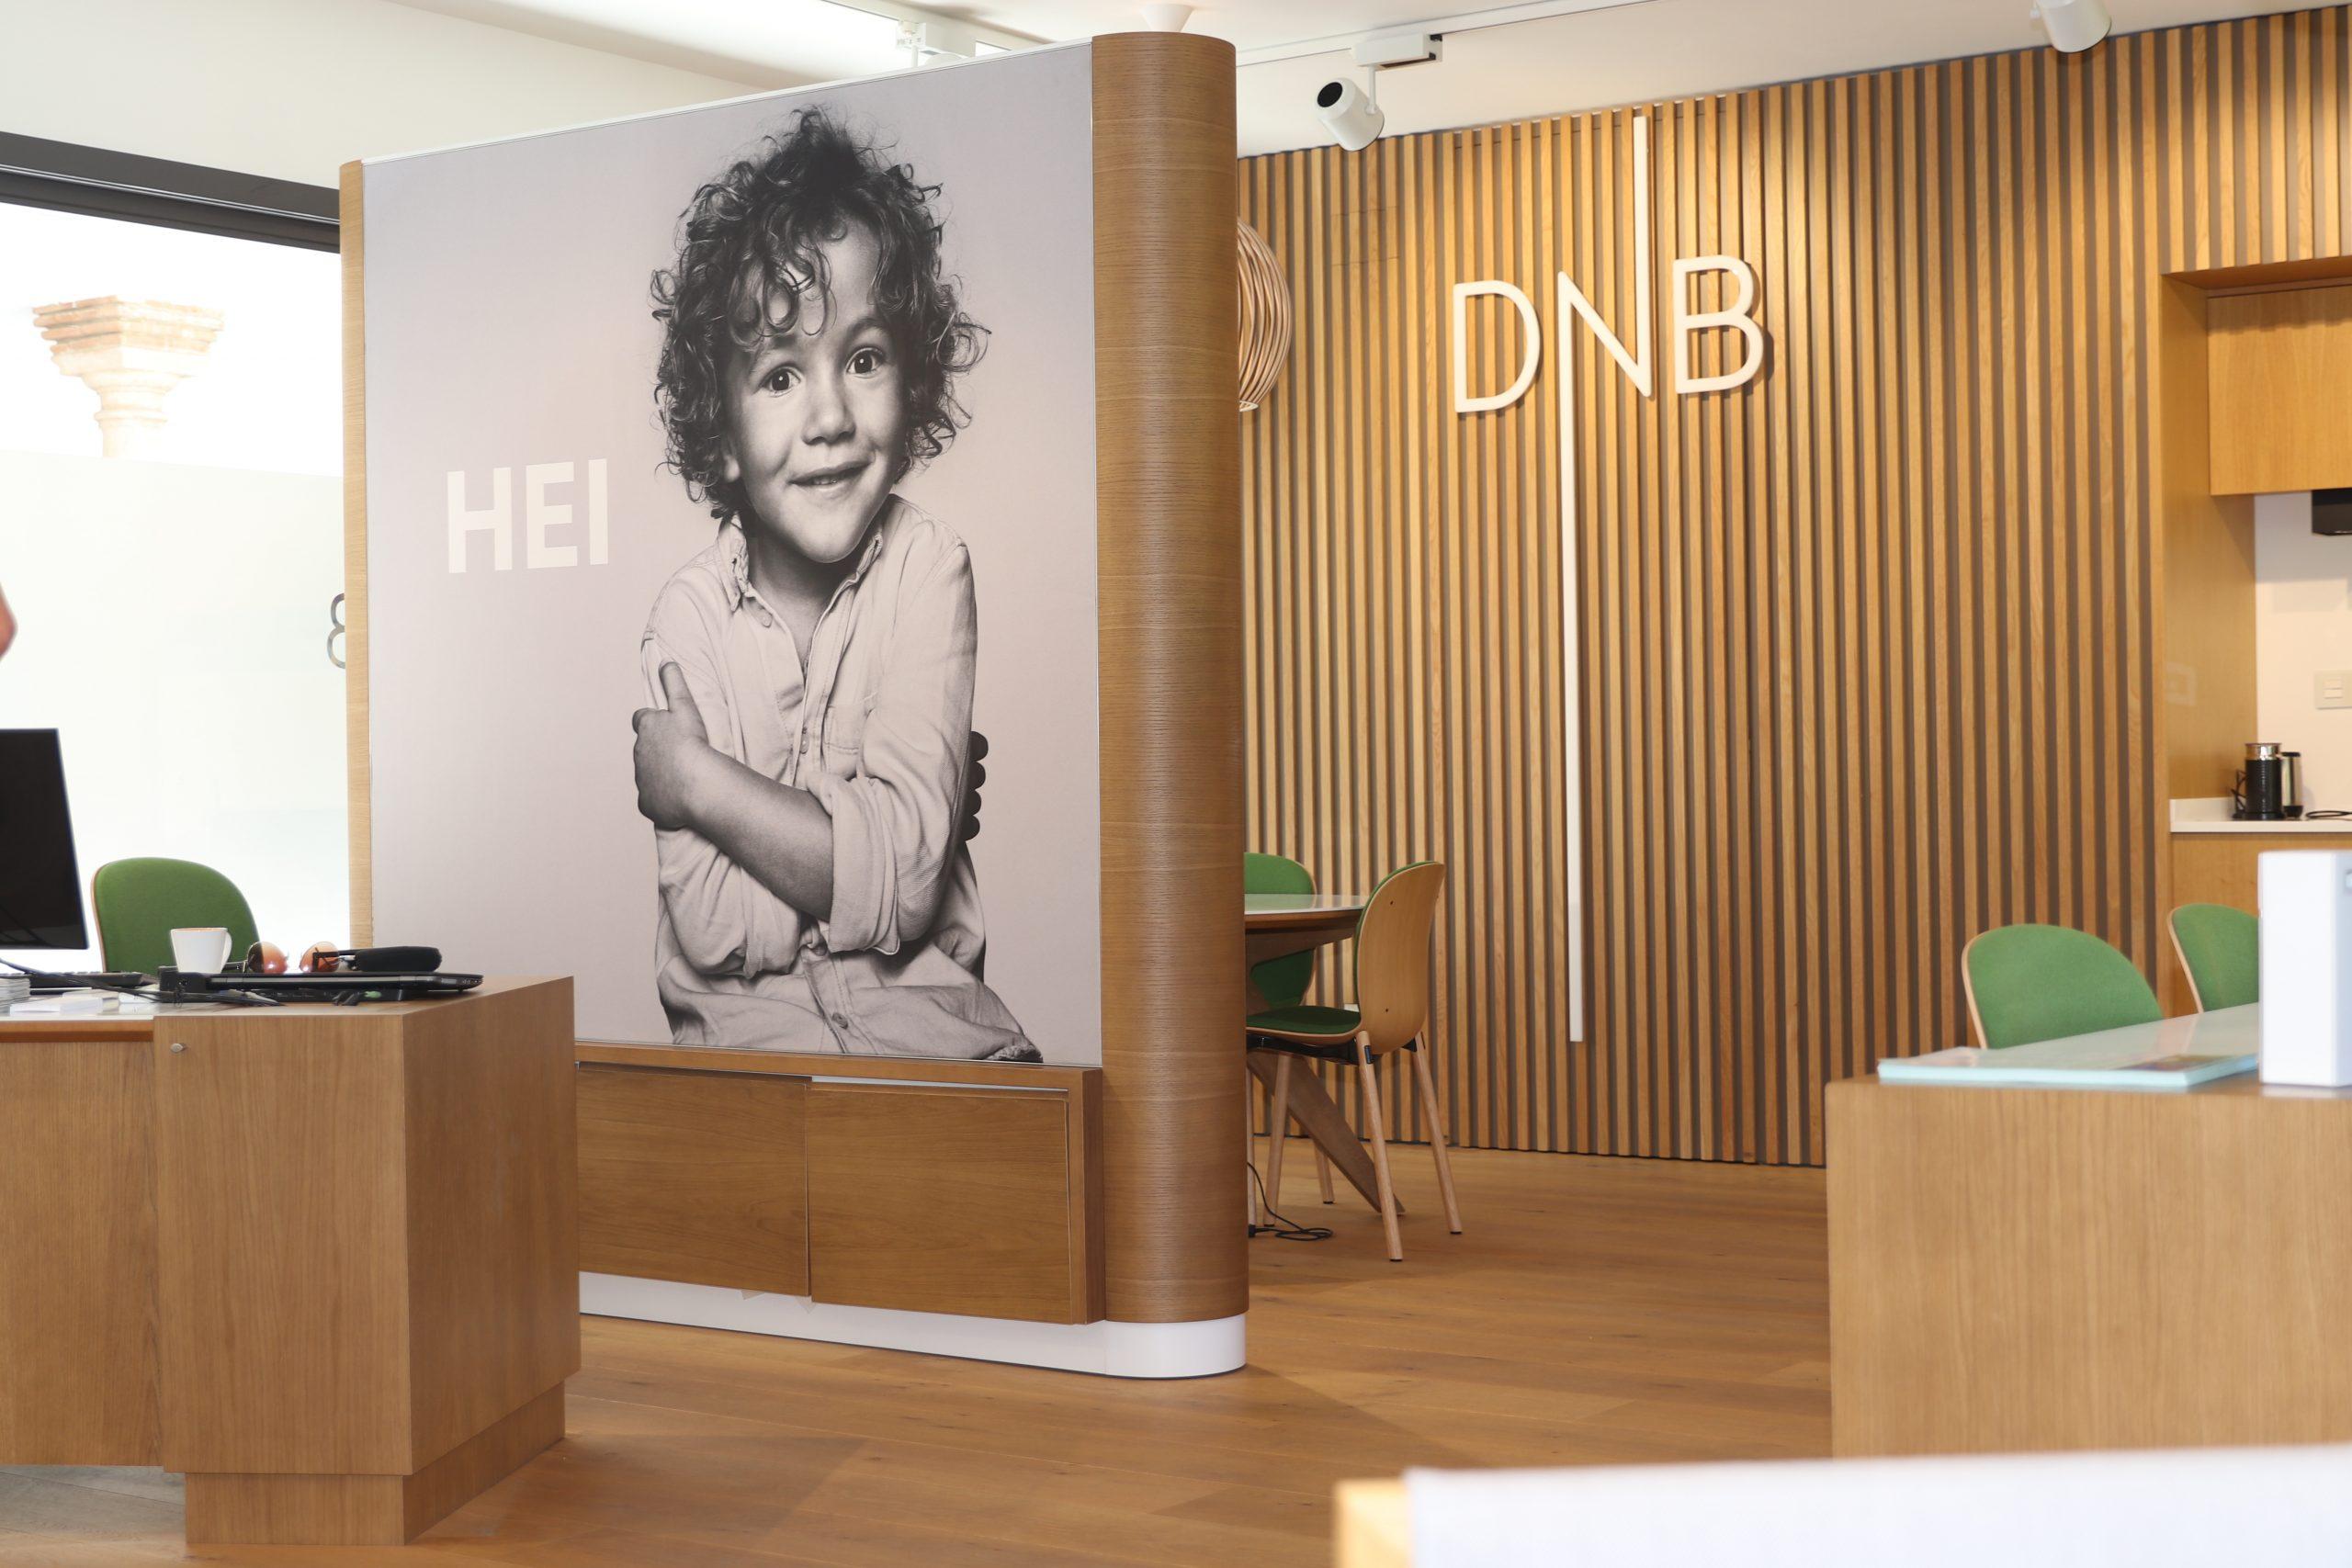 DNB åpner dørene igjen i Marbella